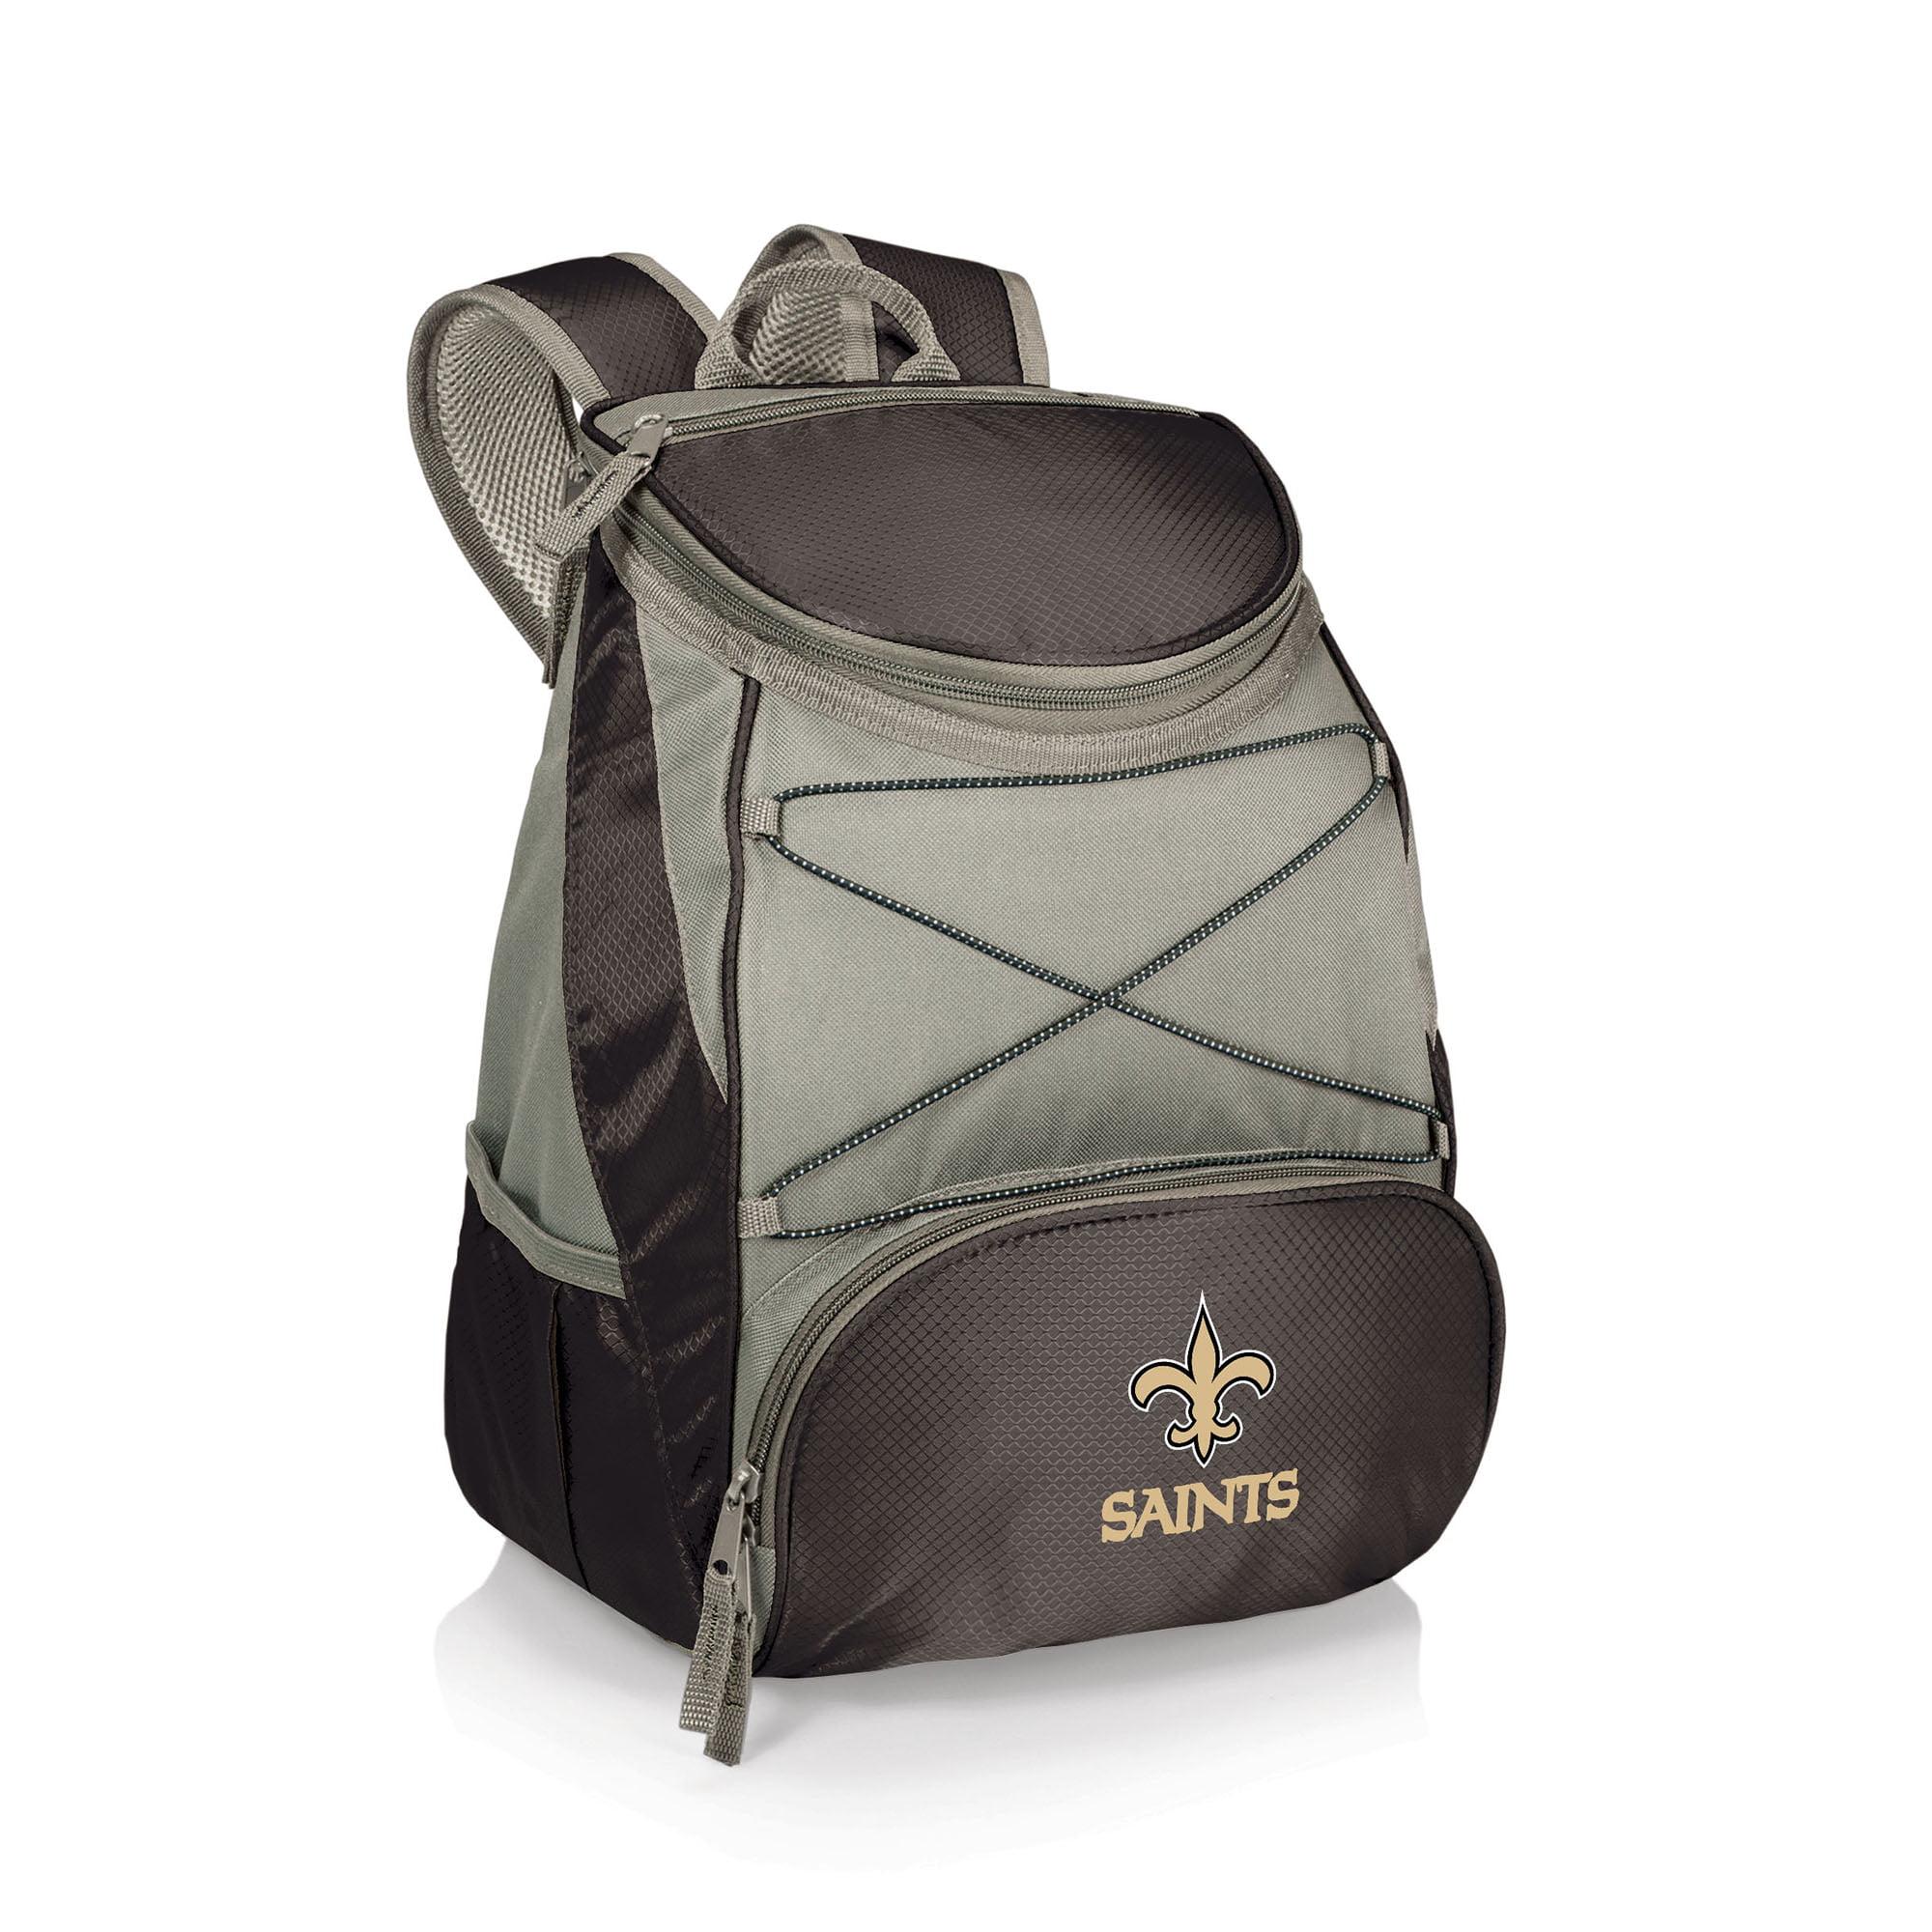 New Orleans Saints PTX Backpack Cooler - Black - No Size